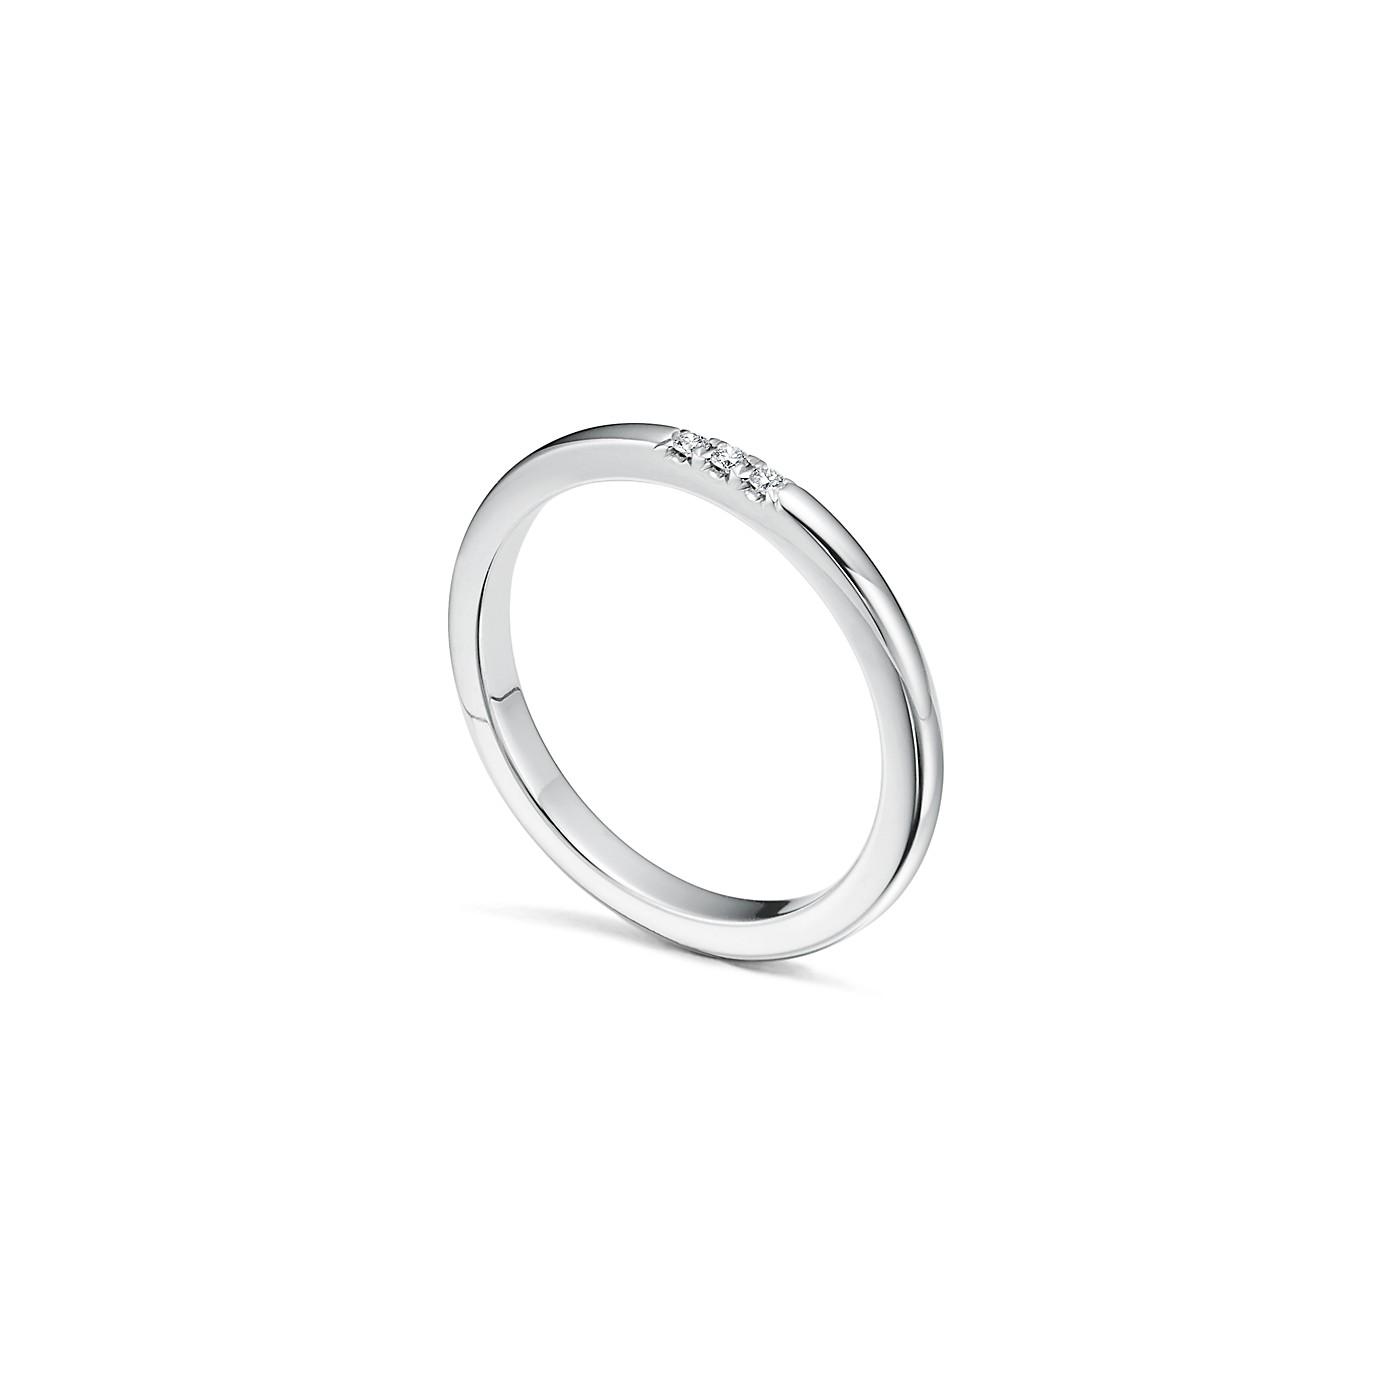 ティファニー クラシック ウェディング バンドリング ダイヤモンド(2)―Tiffany & Co.(ティファニー)